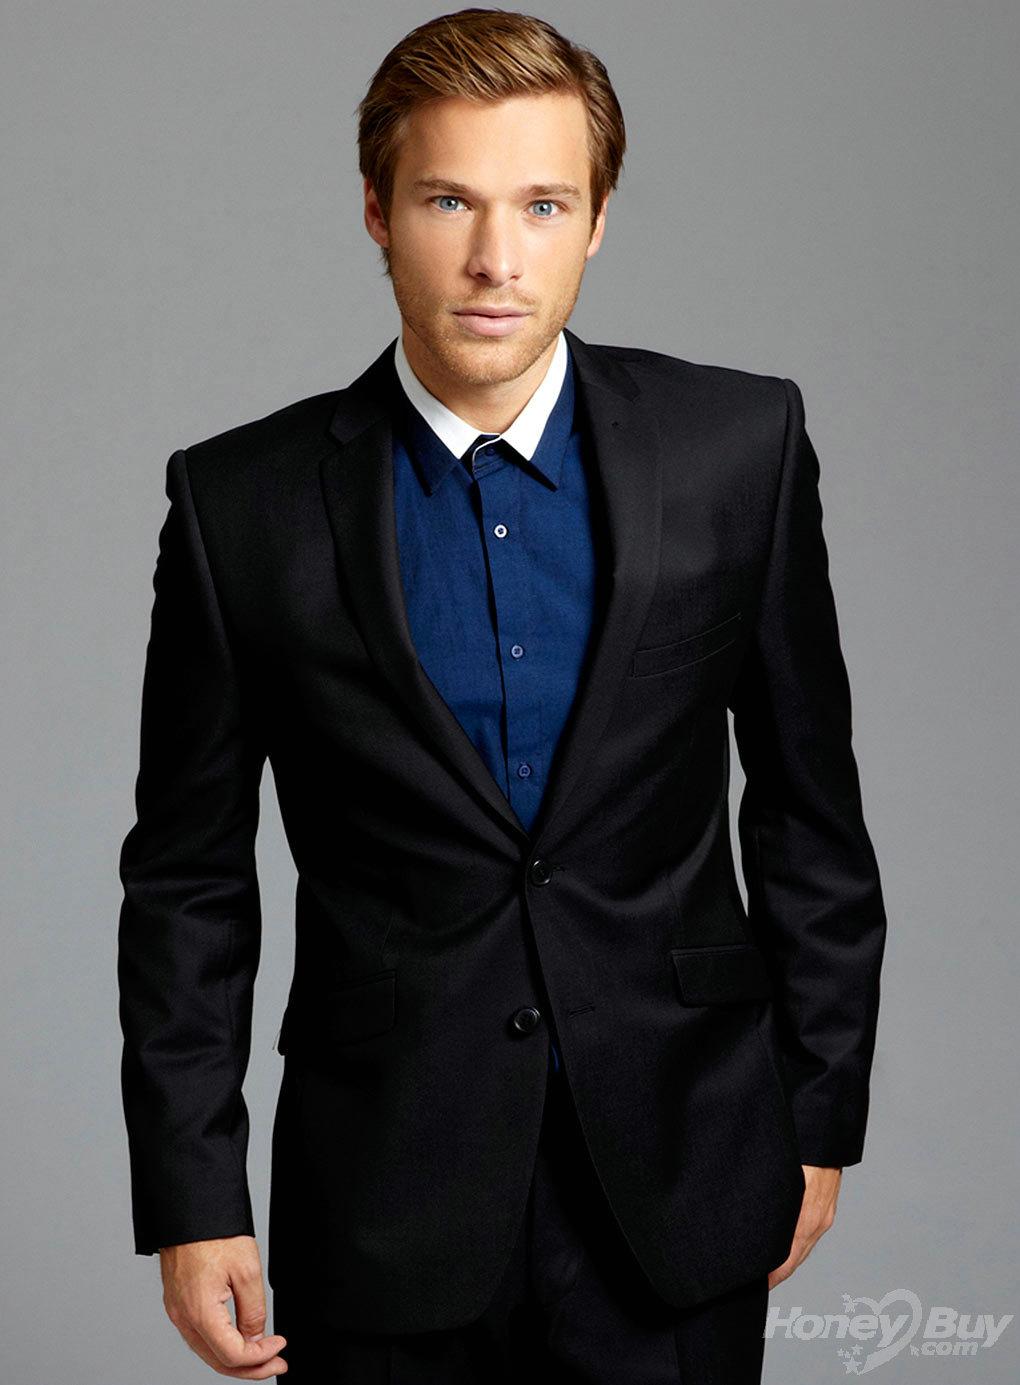 business suits for men, menu0027s business suit; xilbwtg